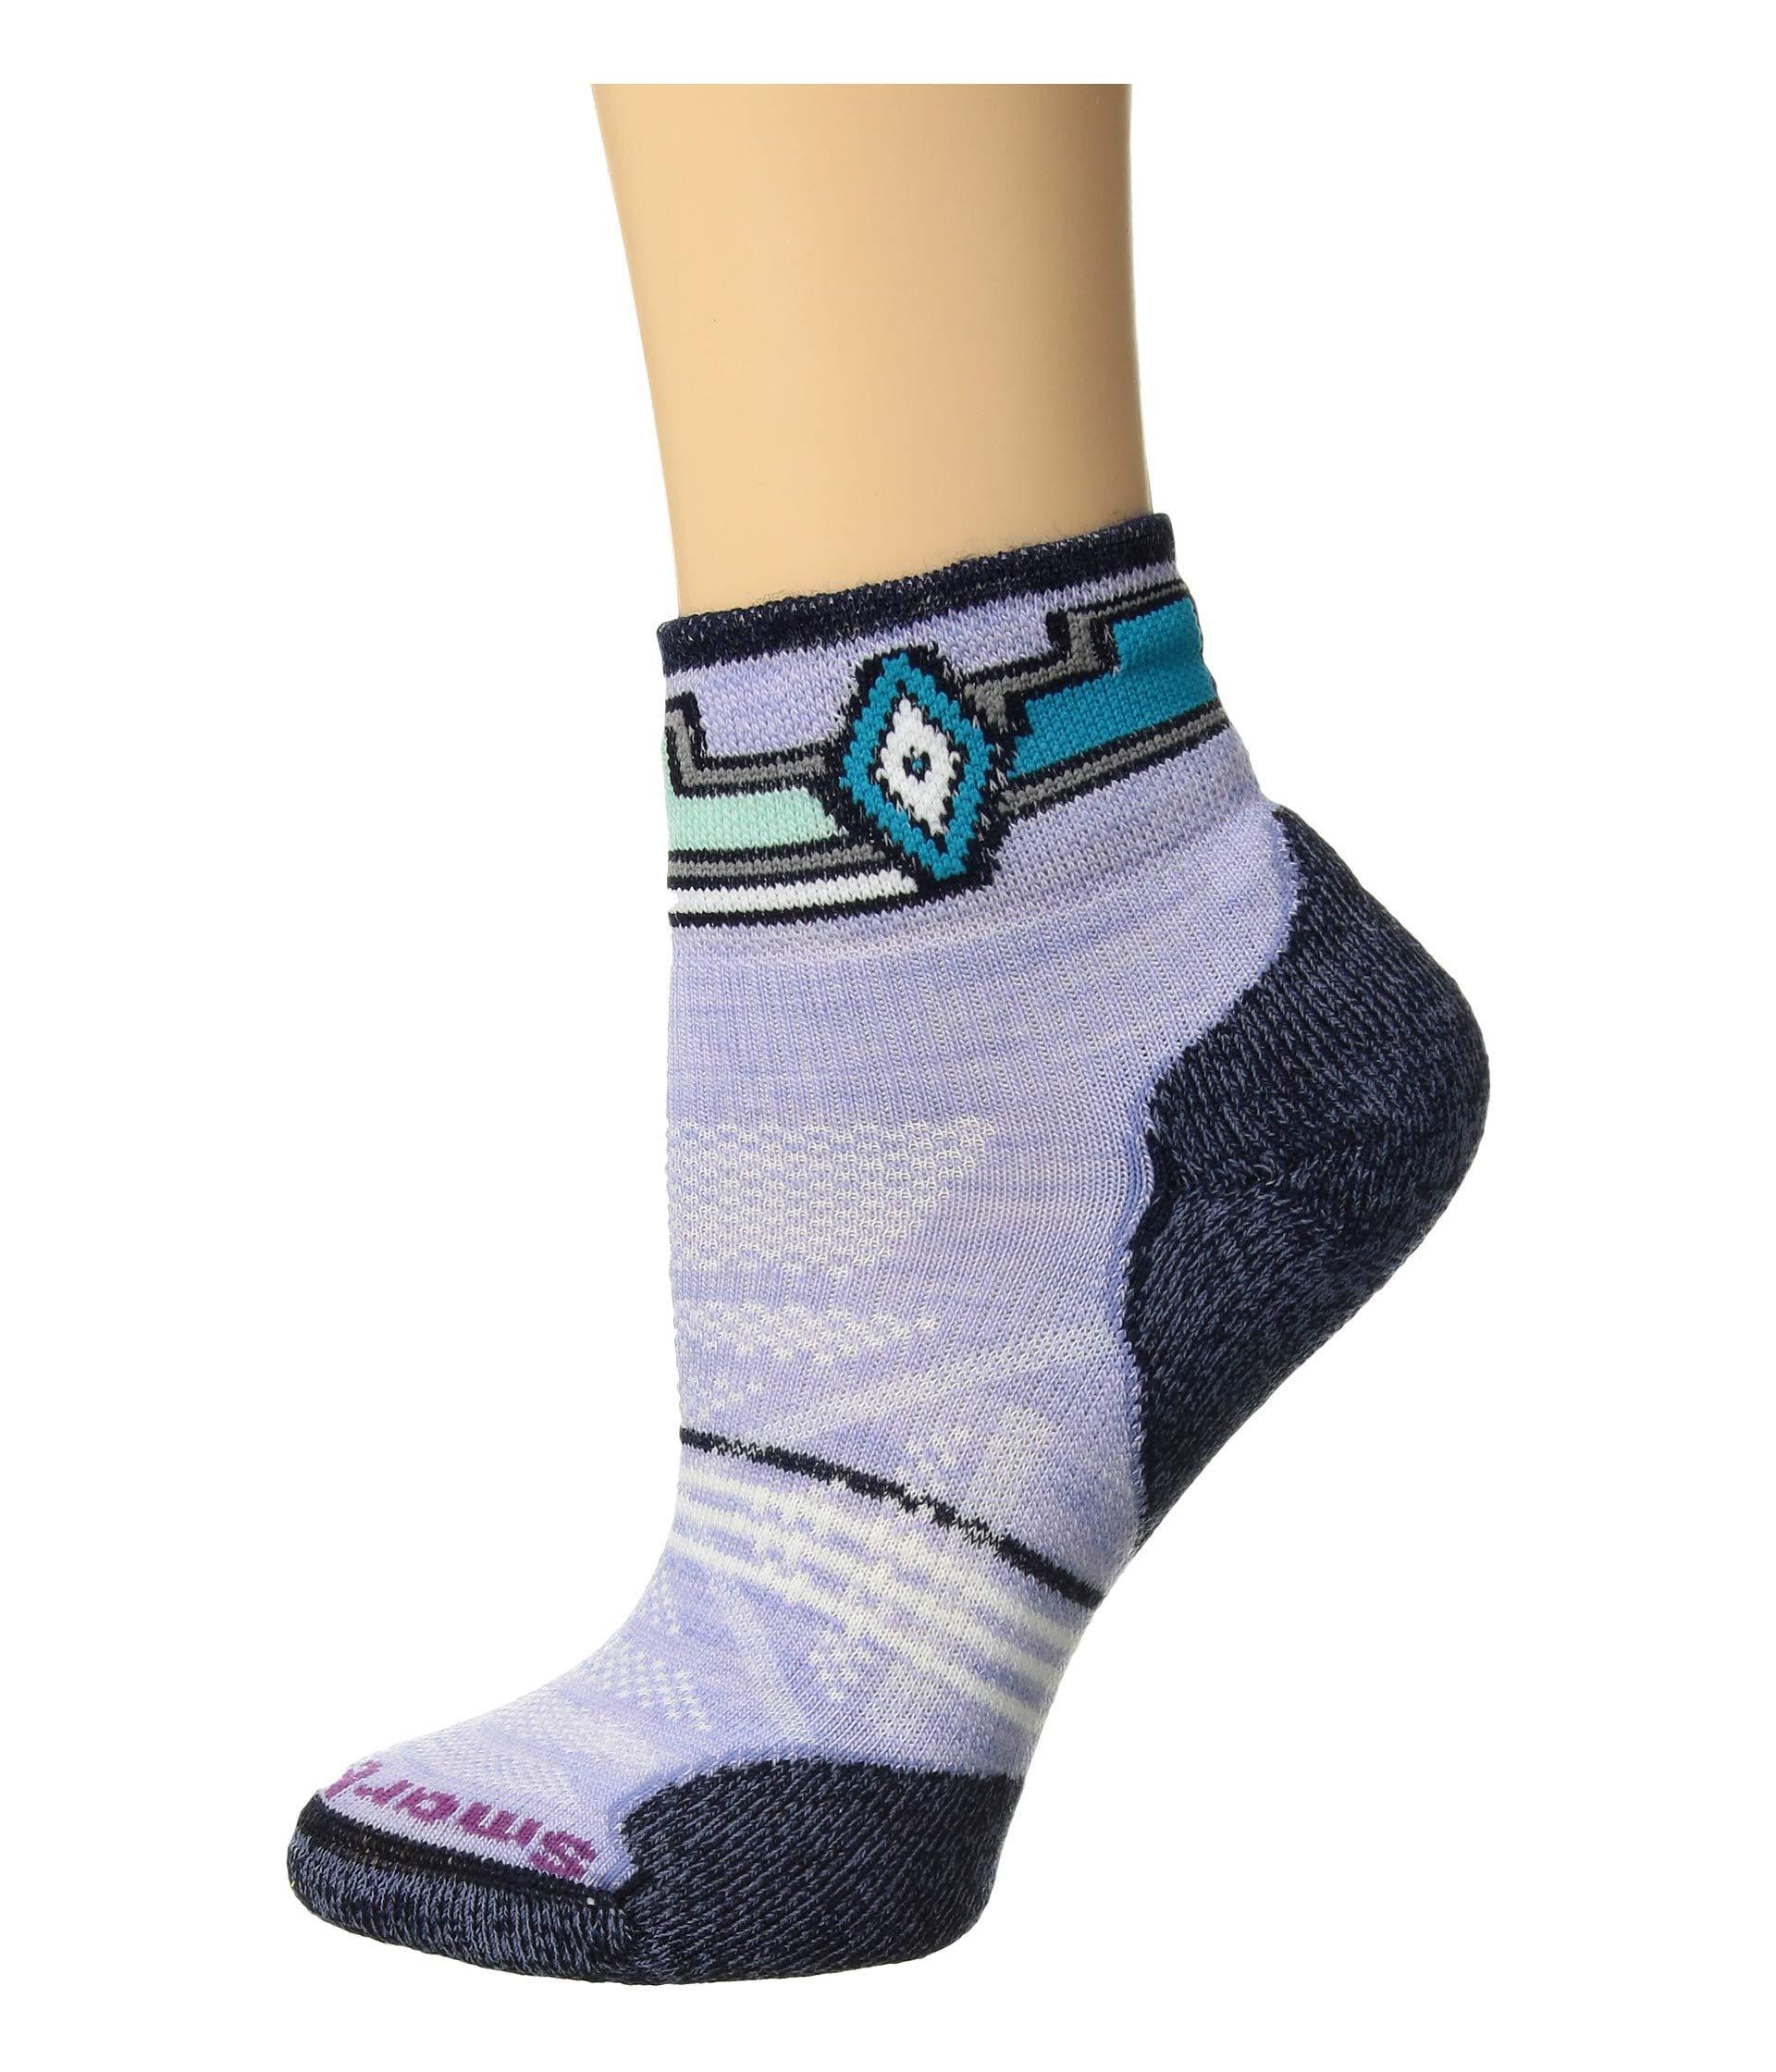 786462a06 Smartwool. Phd Outdoor Light Pattern Mini (purple Mist) Women's Crew Cut  Socks Shoes